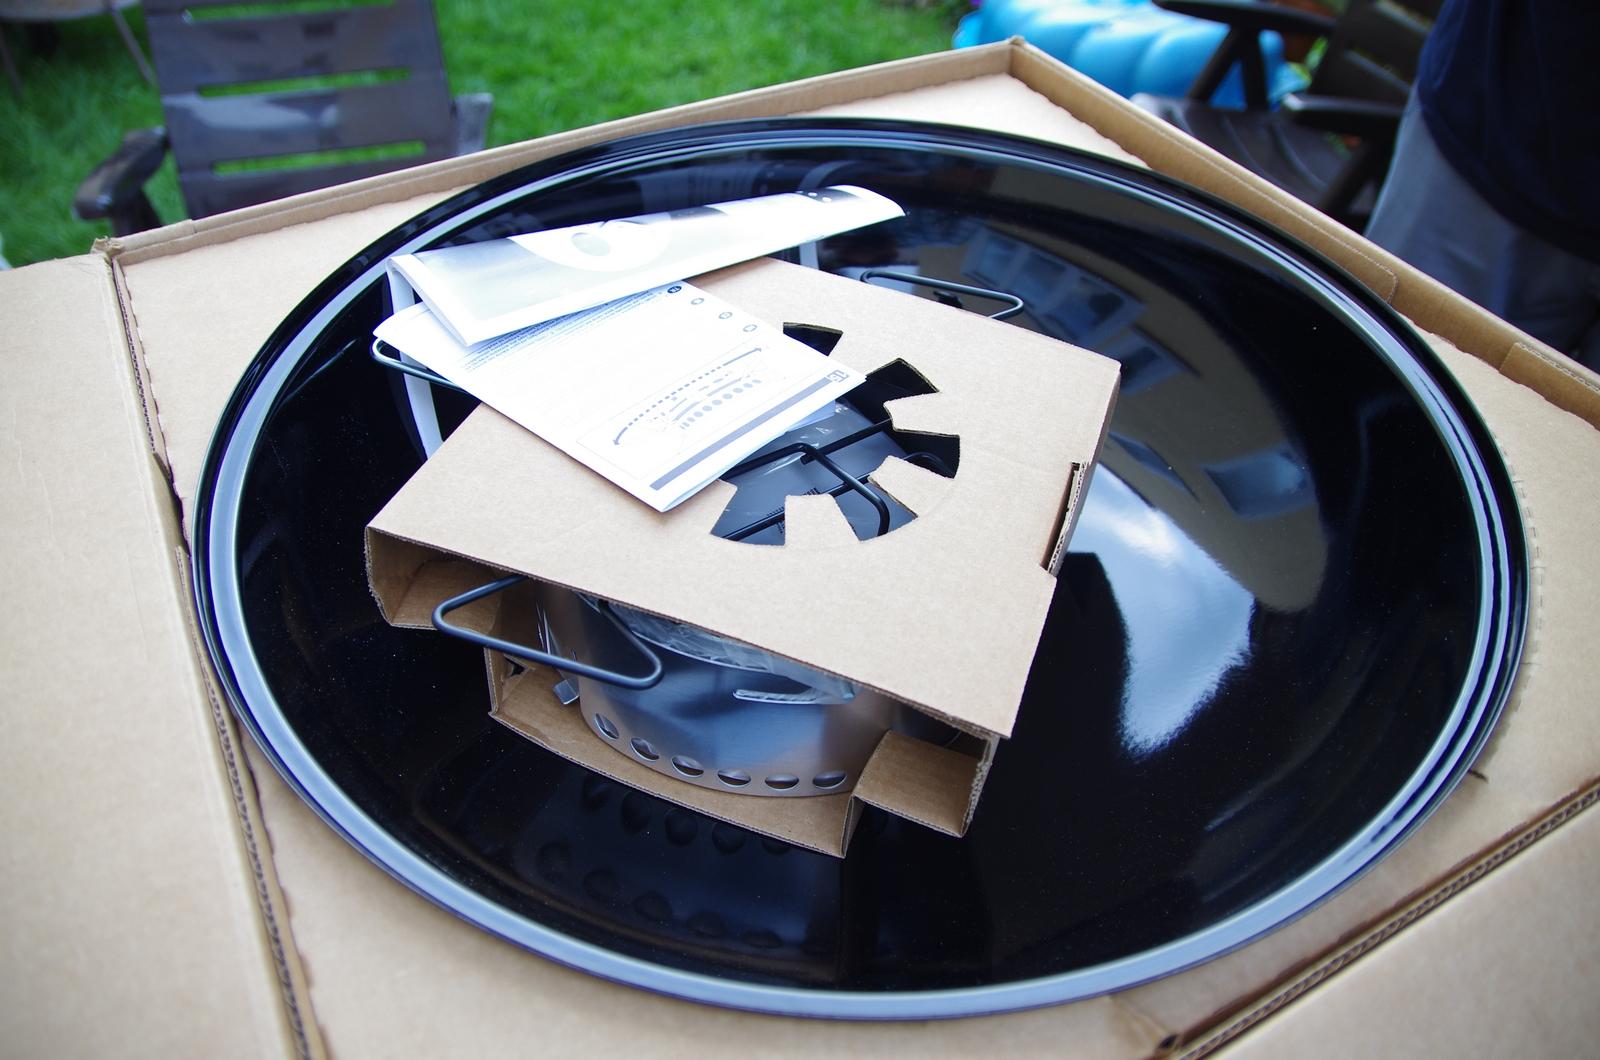 weber one touch premium 57 grillen darf nicht gesund sein. Black Bedroom Furniture Sets. Home Design Ideas